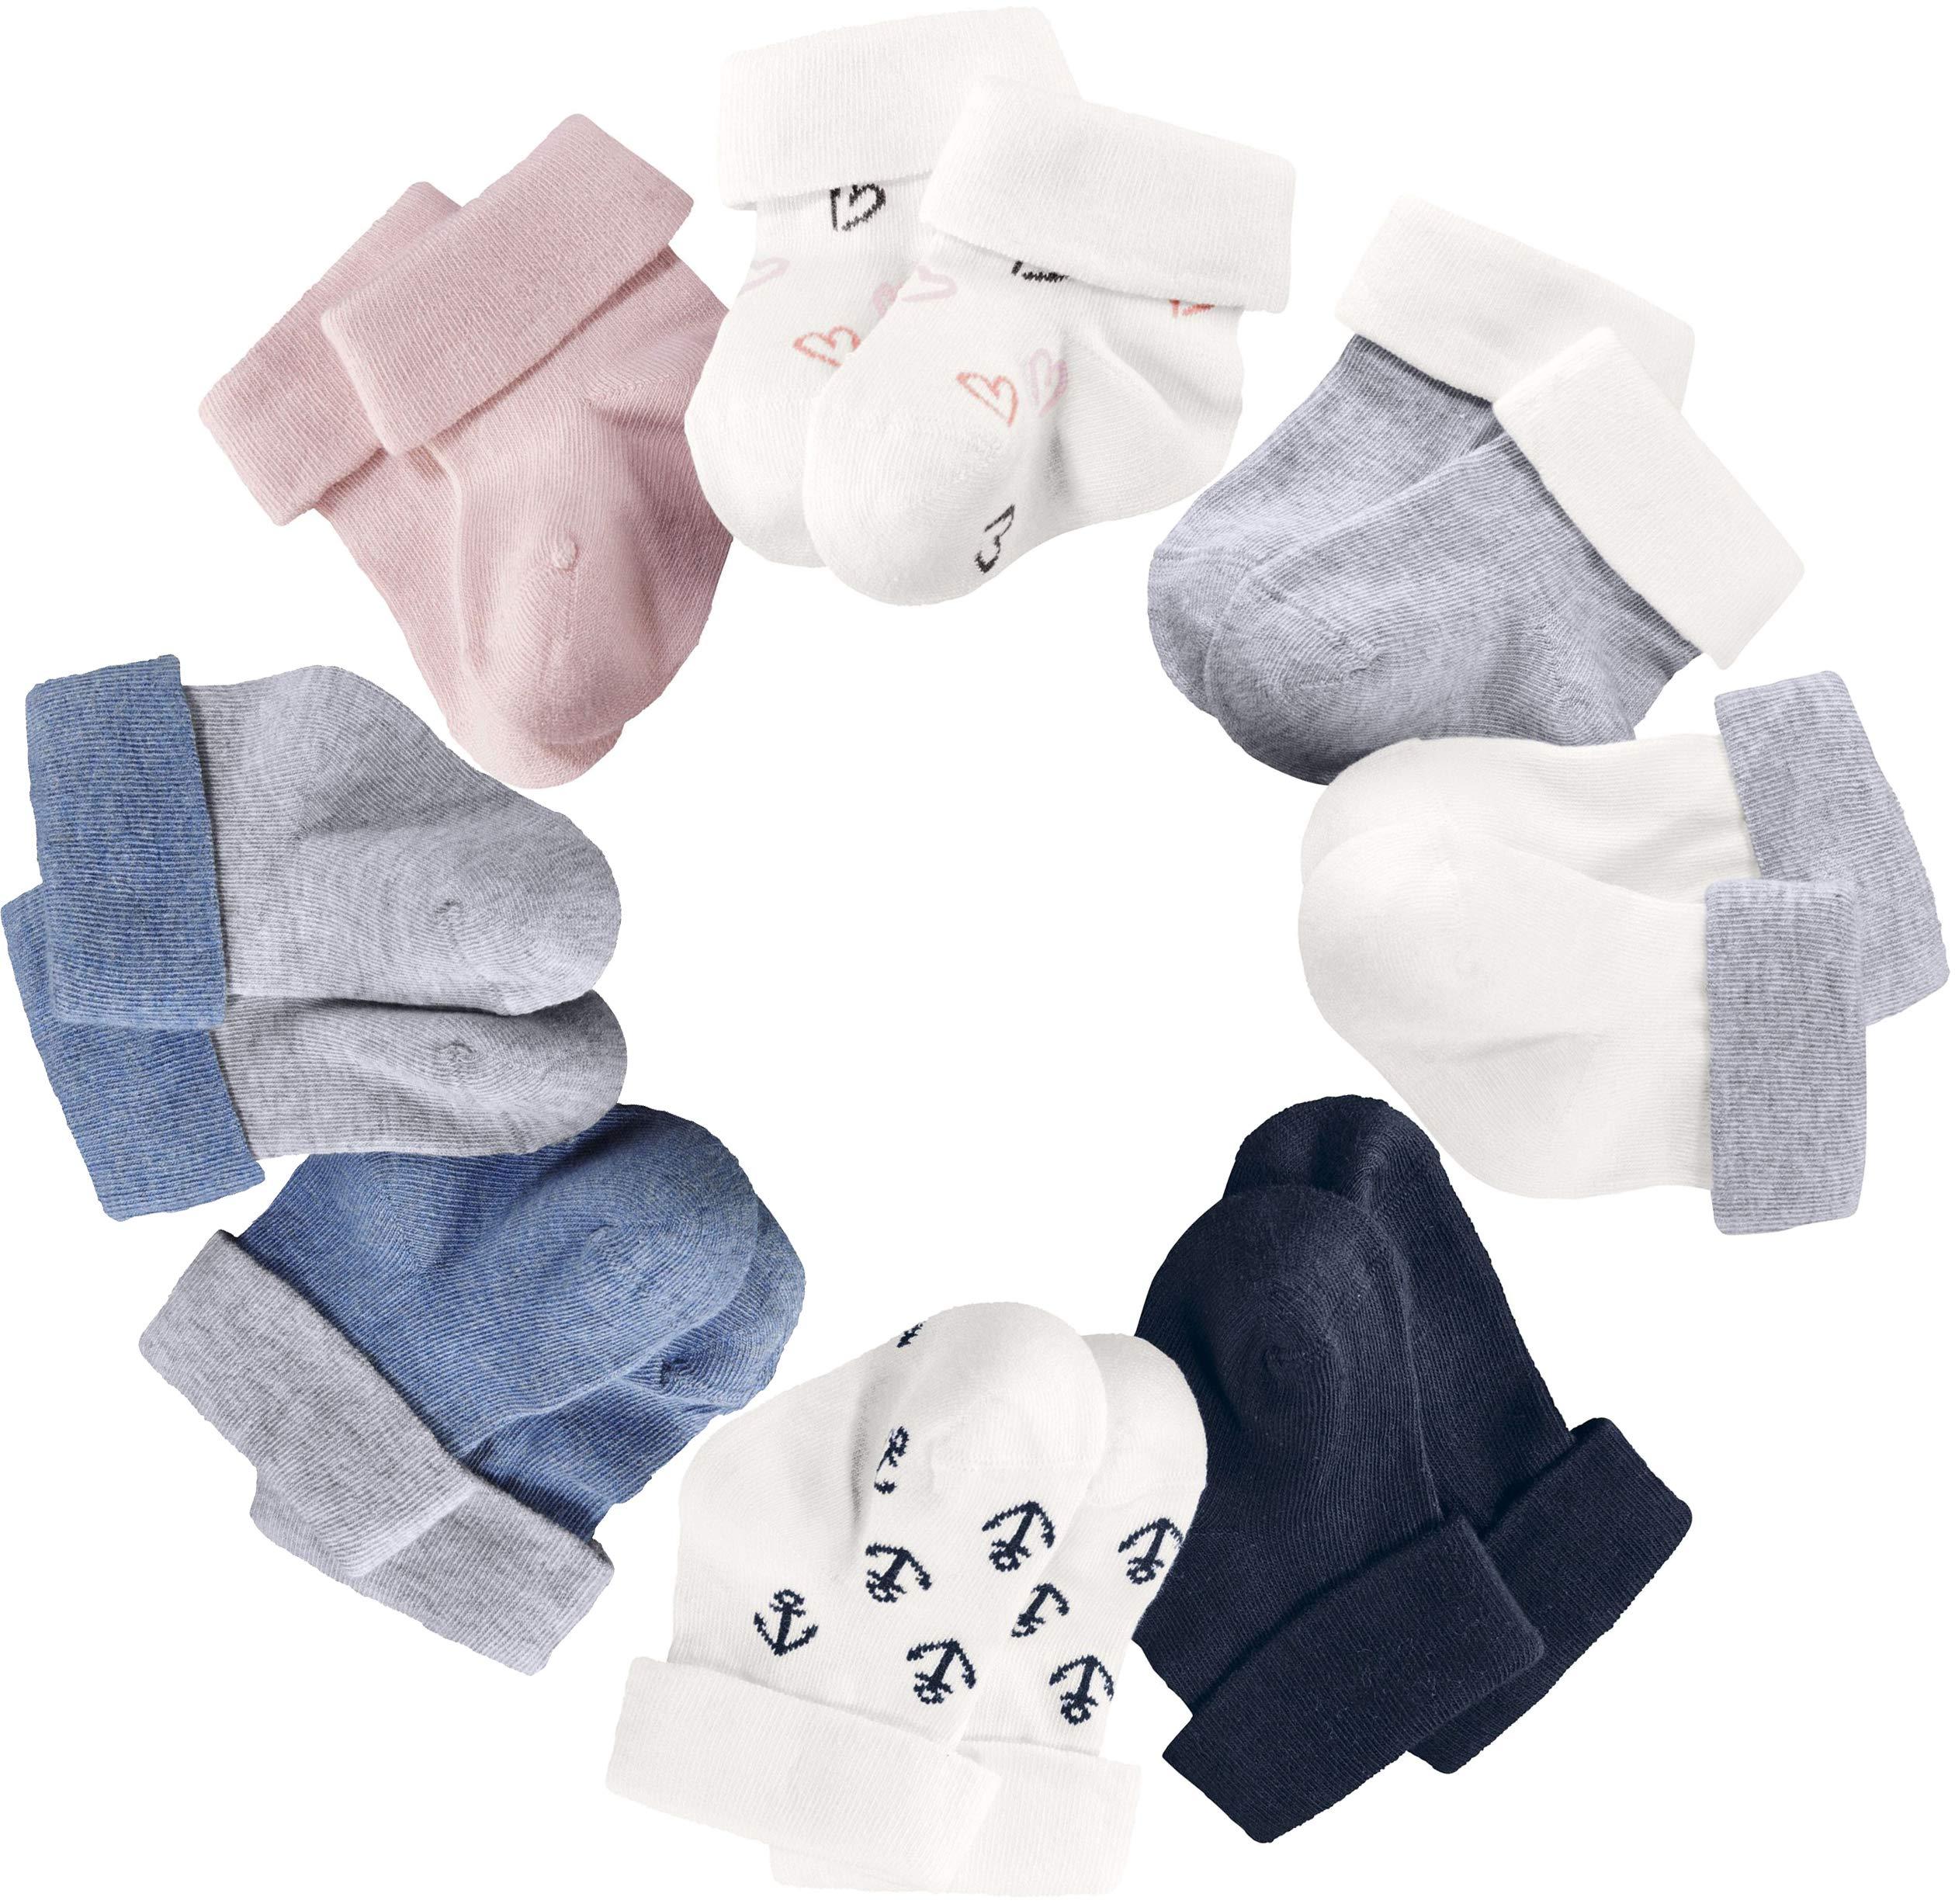 lupilu® 6 Paar Baby Mädchen Jungen Socken Söckchen Erstlingssocken mit Bio-Baumwolle